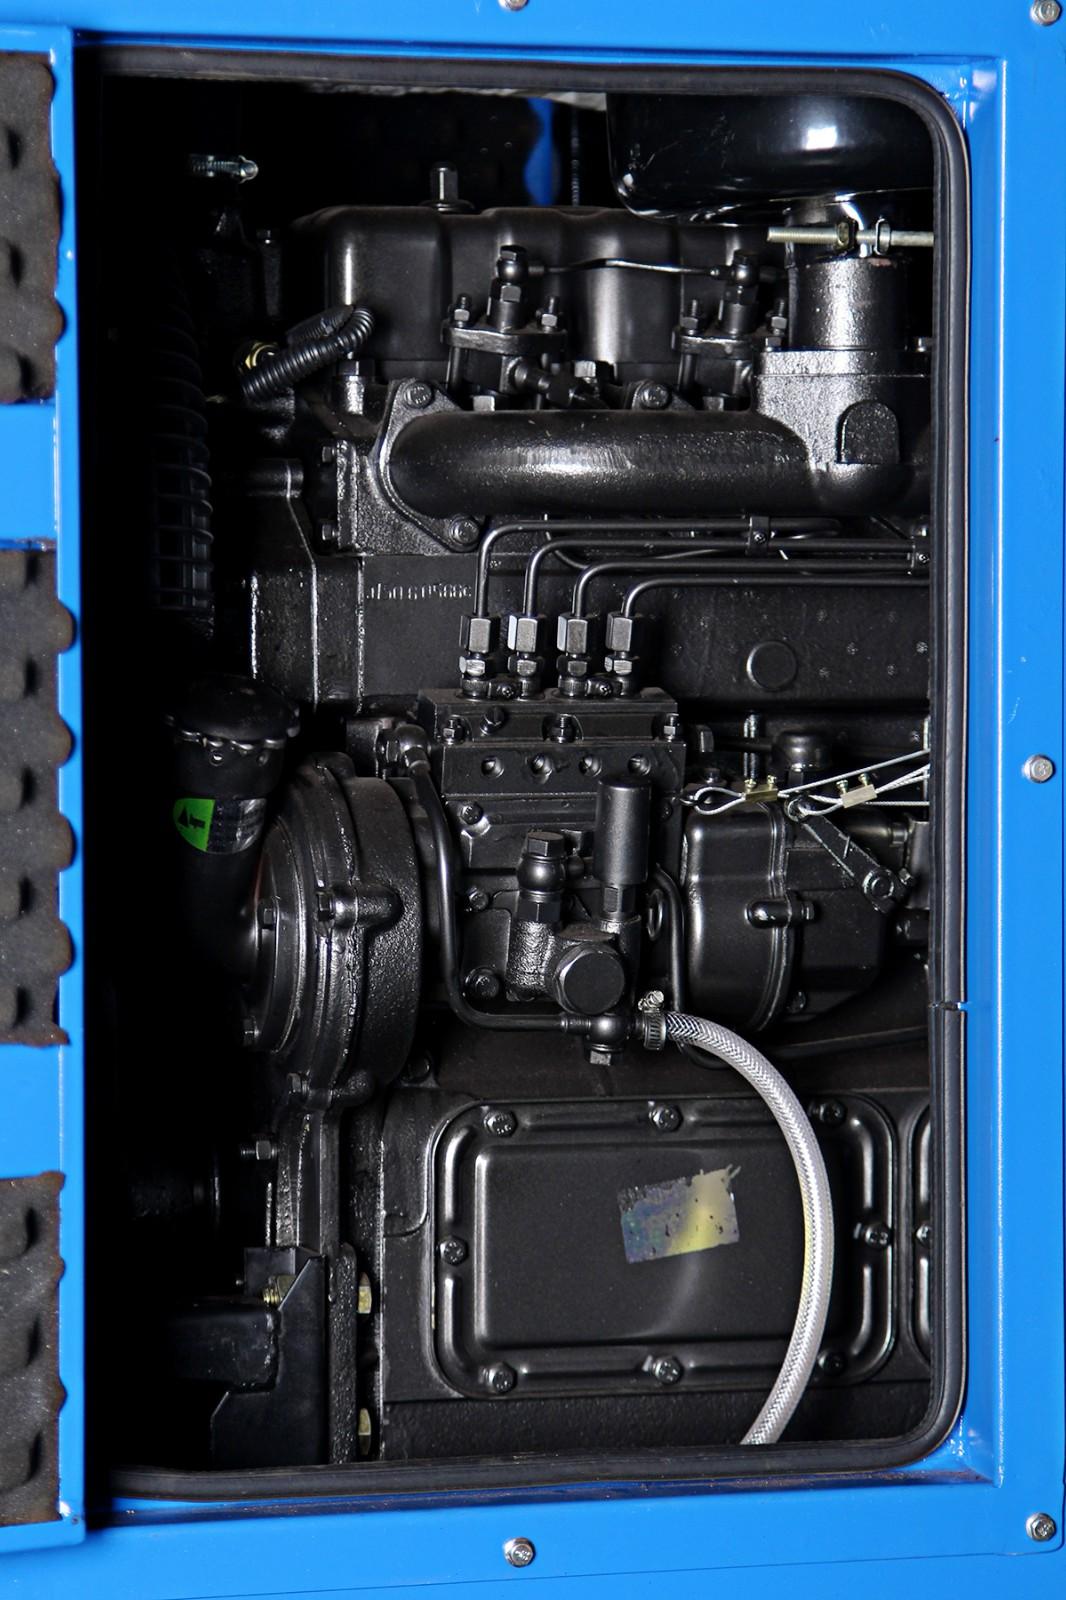 与母材同等强度,密封很好自动检测电路会适时的监视电焊机的工作状态